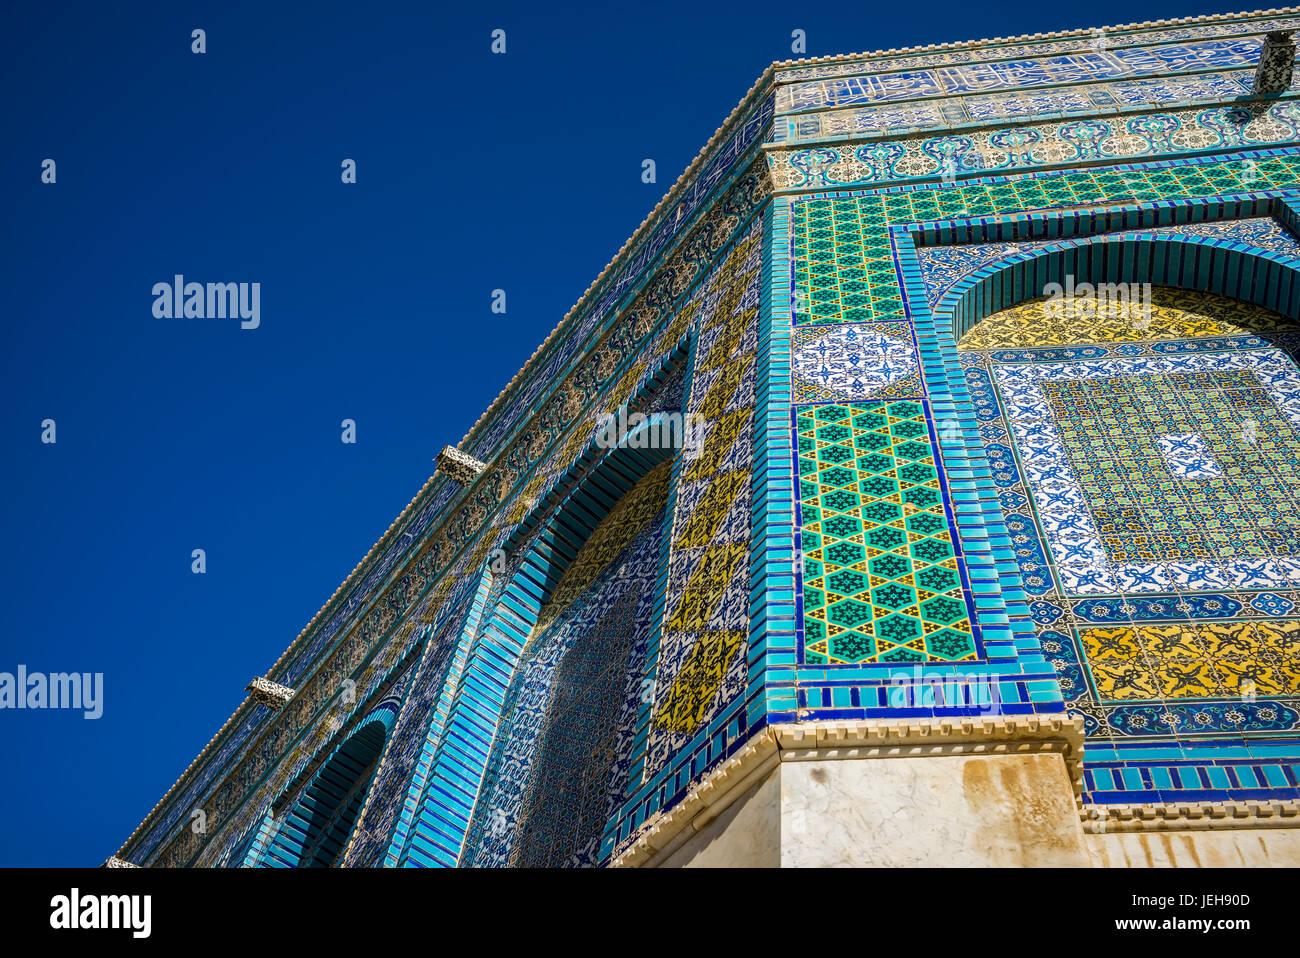 Fachada del Monte del Templo y la cúpula de la roca, la Ciudad Vieja de Jerusalén; Jerusalén, Israel Imagen De Stock